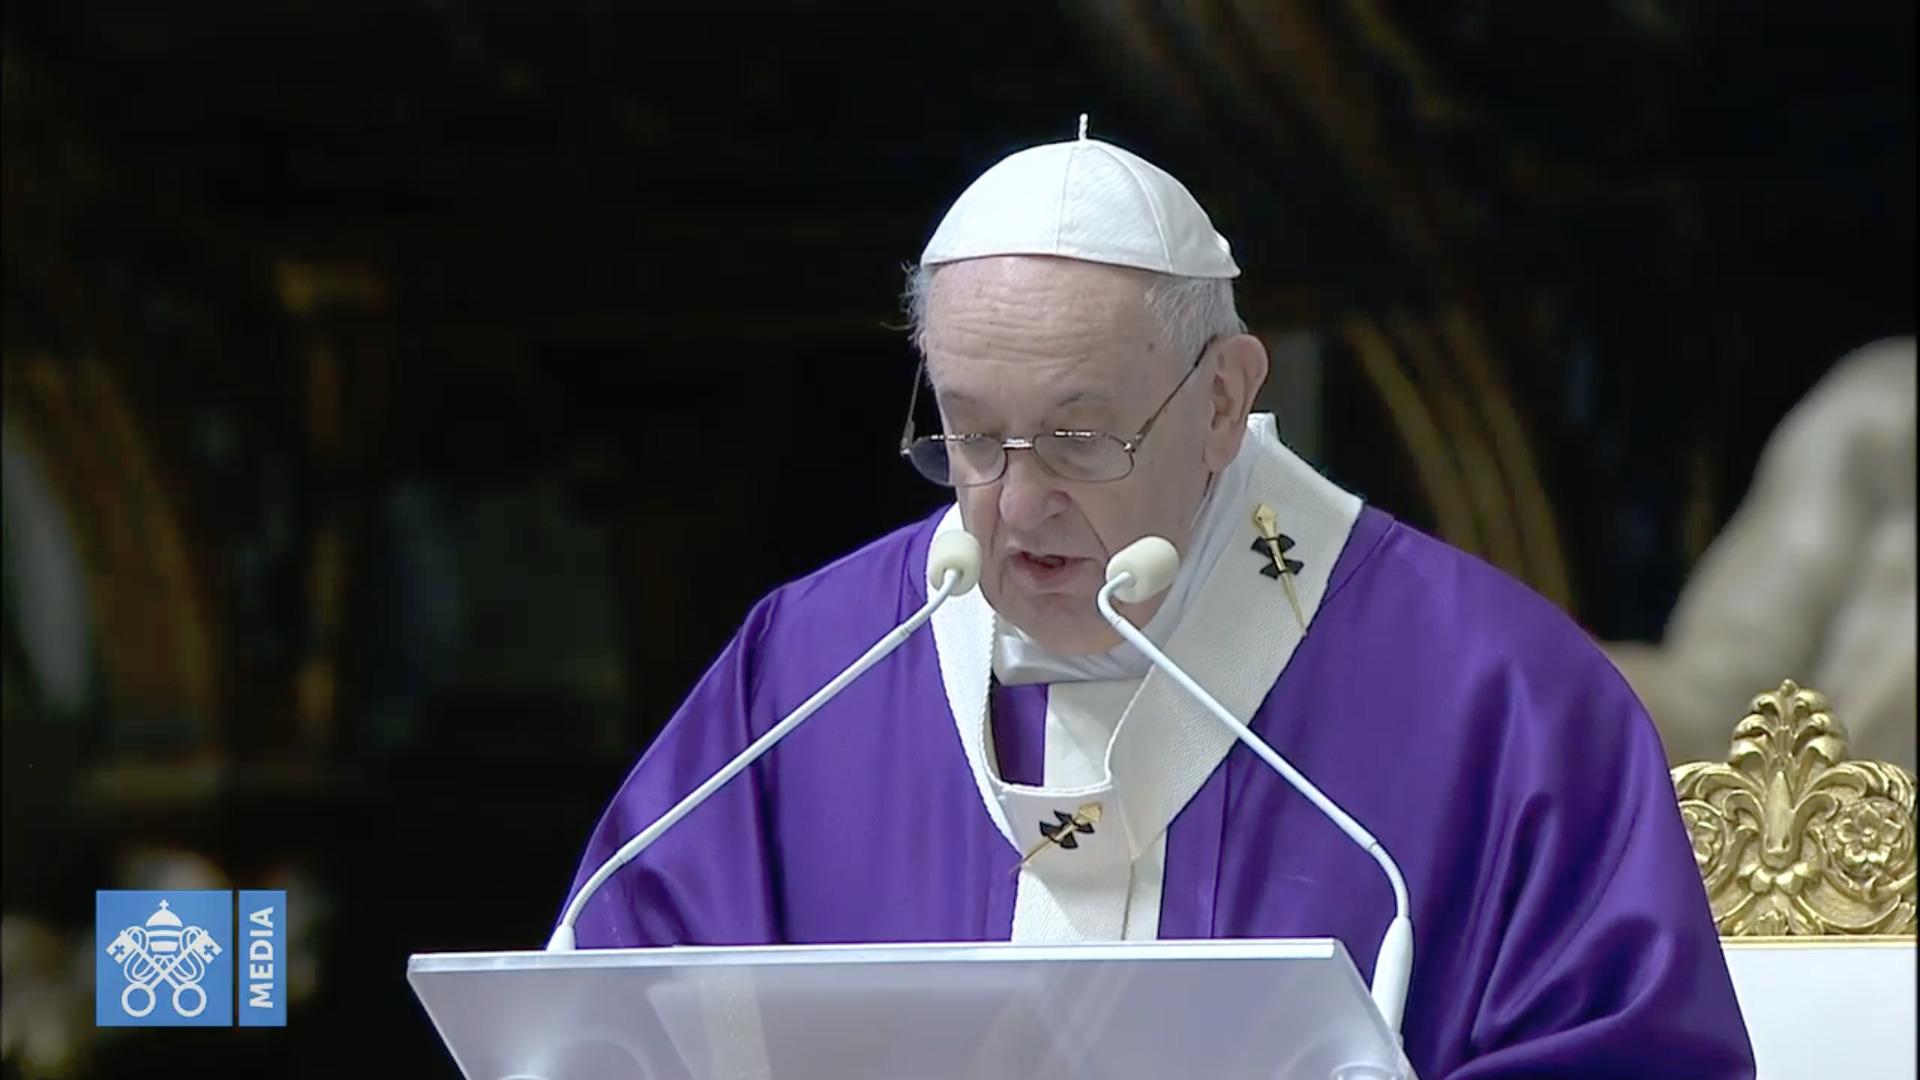 Messe du 29 nov. 2020, capture @ Vatican Media